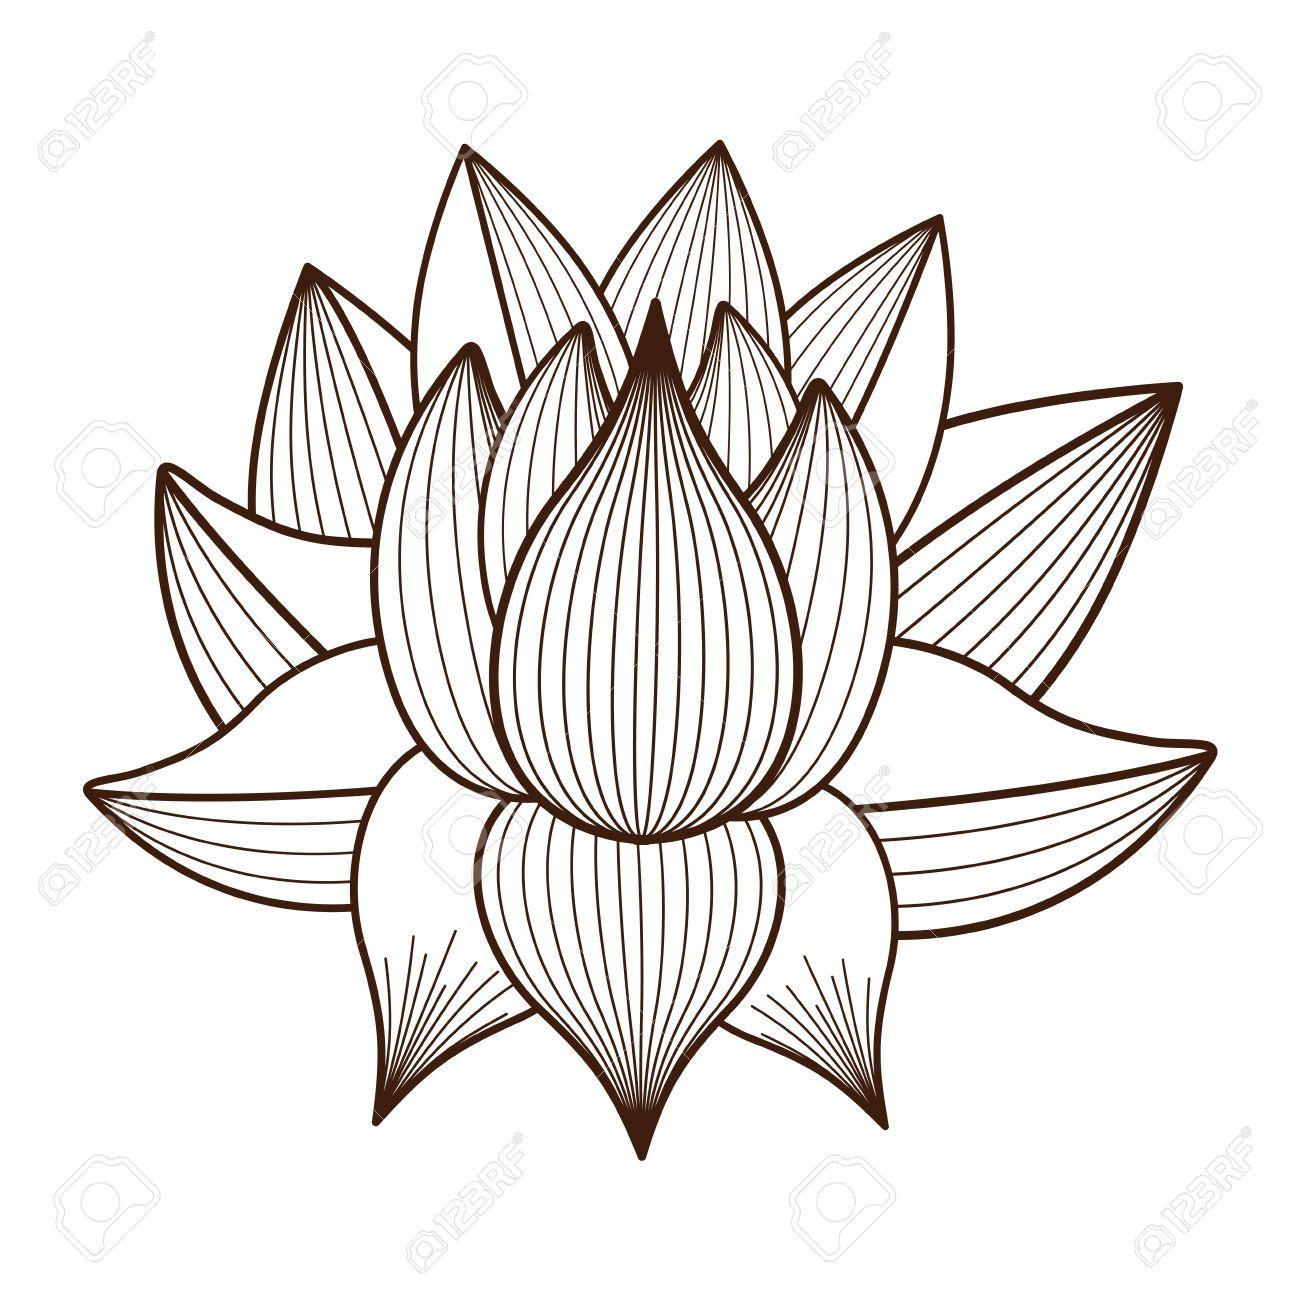 Lotusbloem Tekening Geisoleerd Pictogram Ontwerp Vector Illustratie